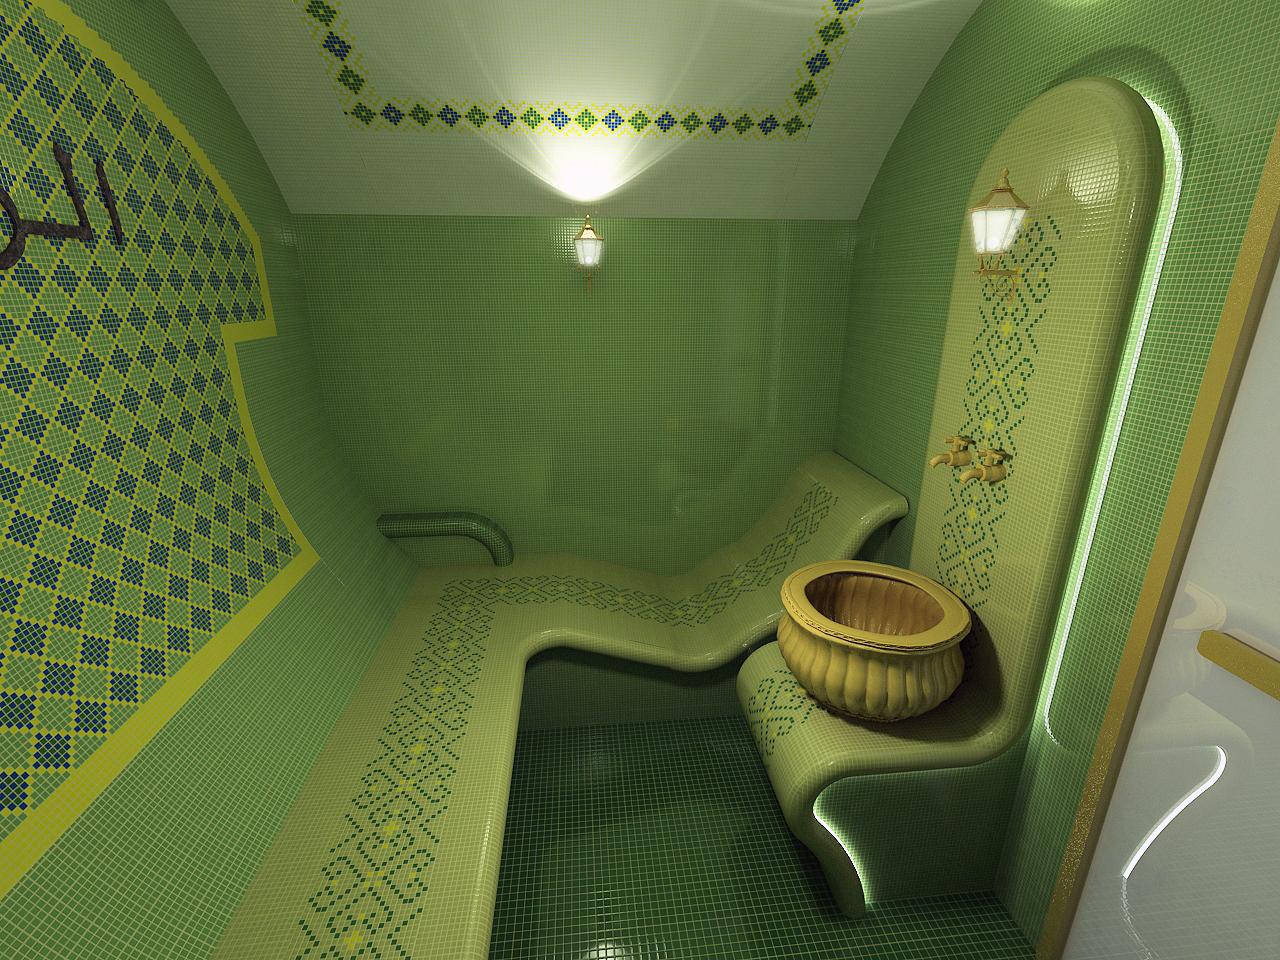 Турецкая баня своими руками в квартире